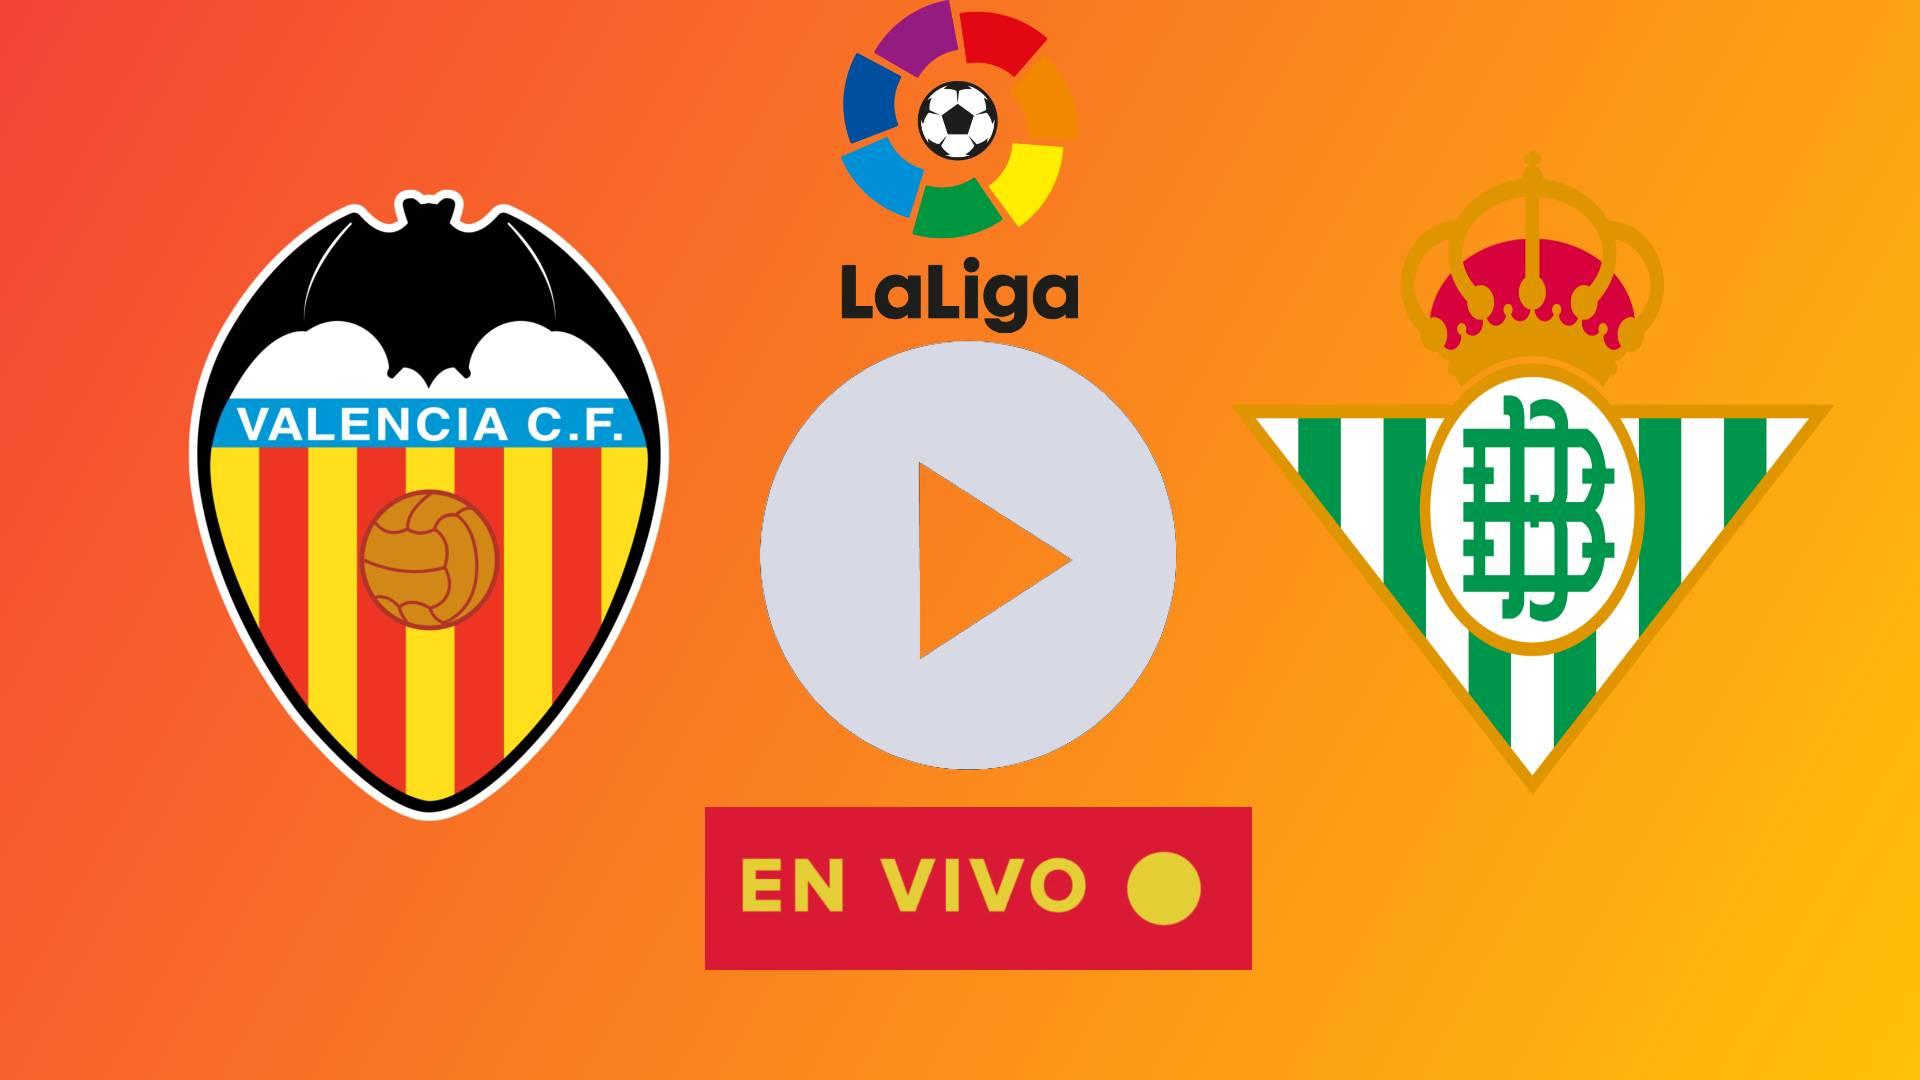 COMO VER Valencia vs Real Betis: ver EN VIVO y EN DIRECTO el duelo por la fecha 5 de La Liga 2020